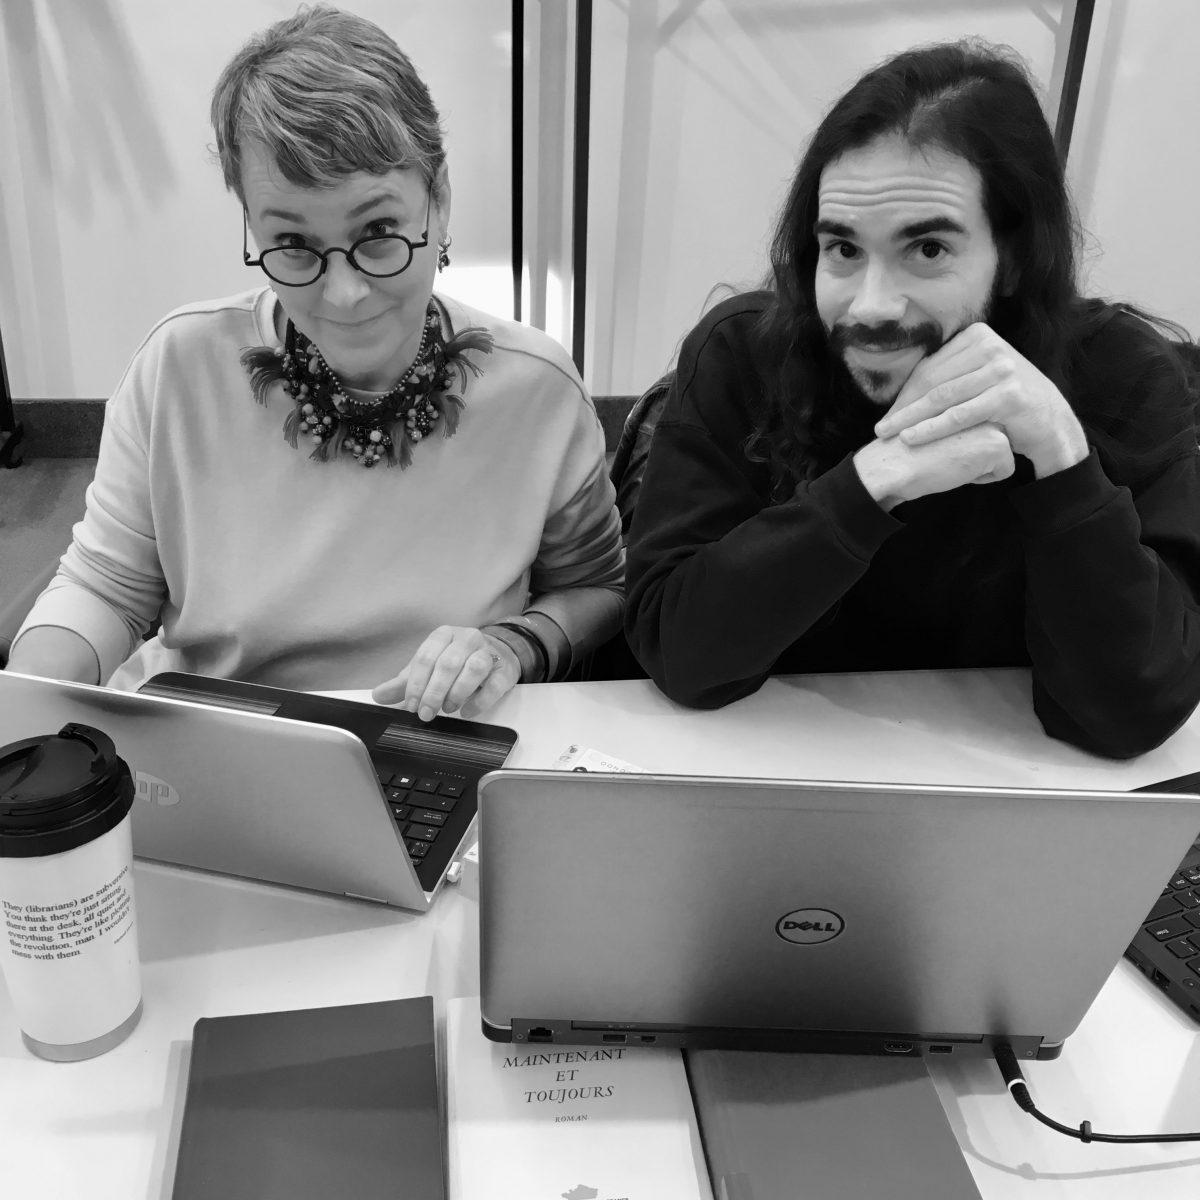 Semaine de la liberté d'expression : un atelier pour créer des livres libres